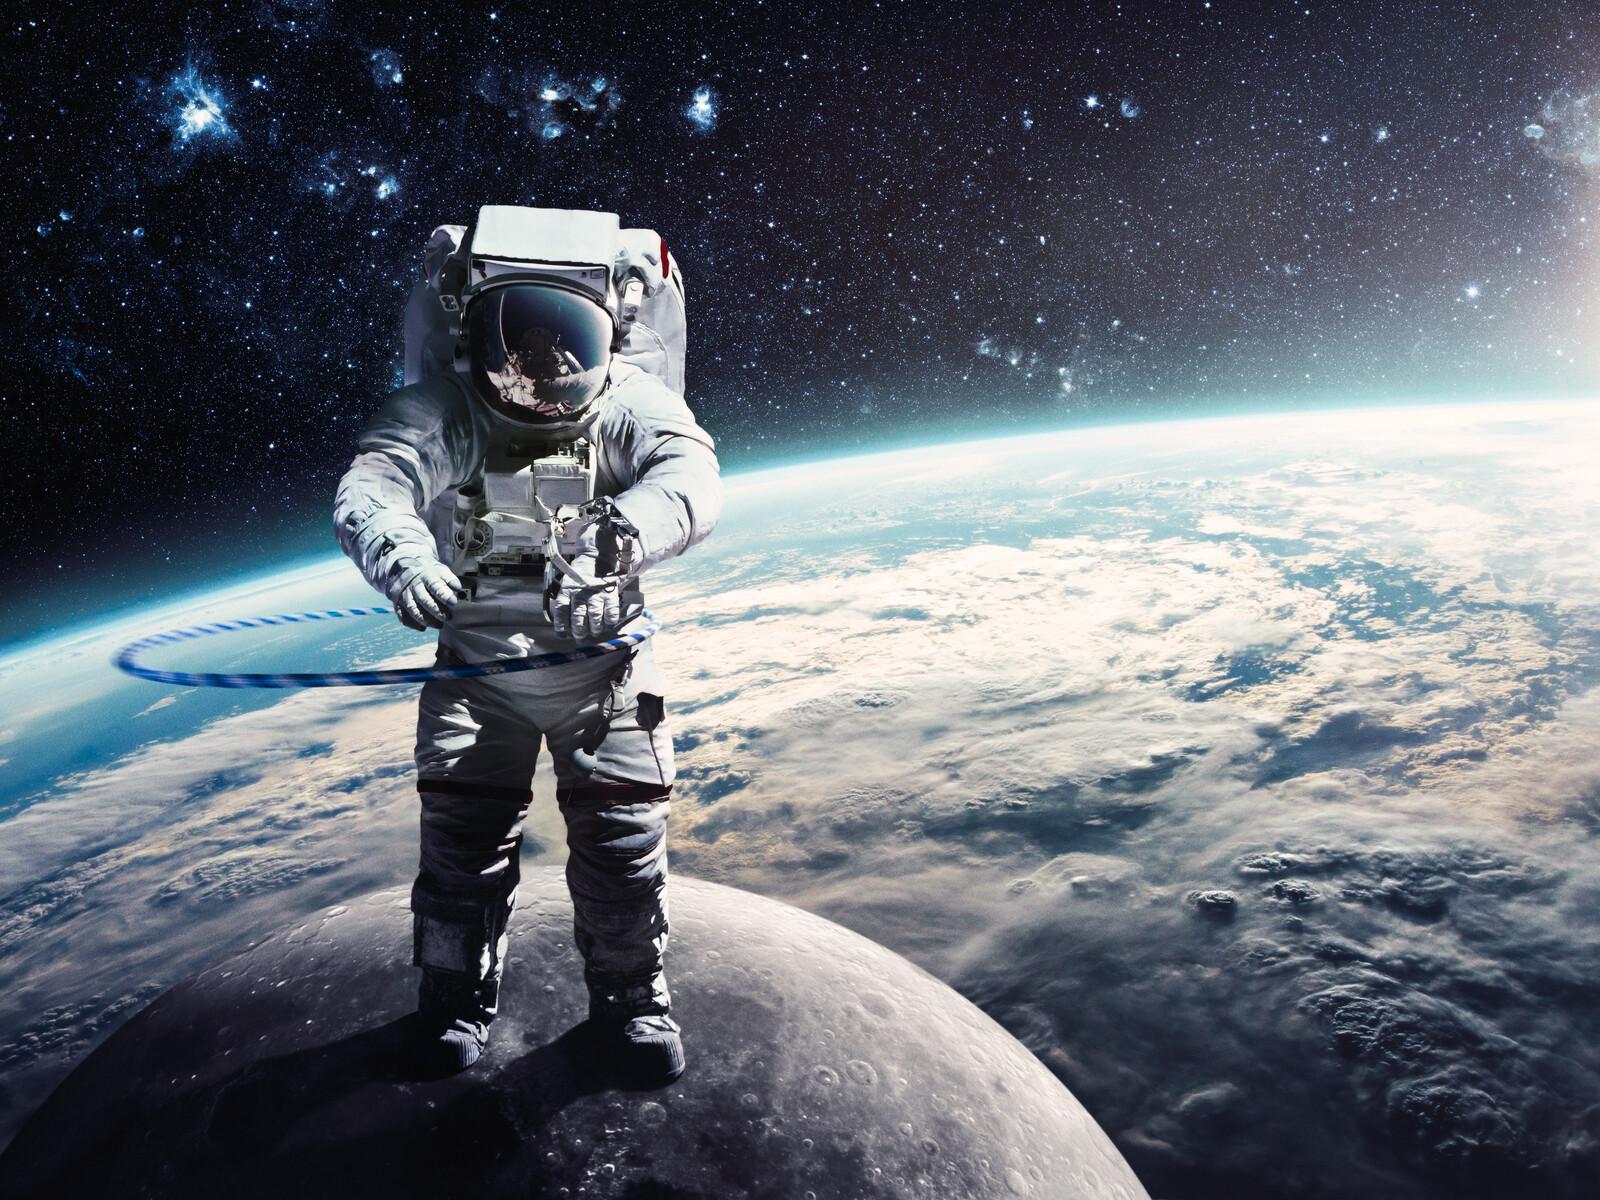 Astronaut III - Jirko Bannas